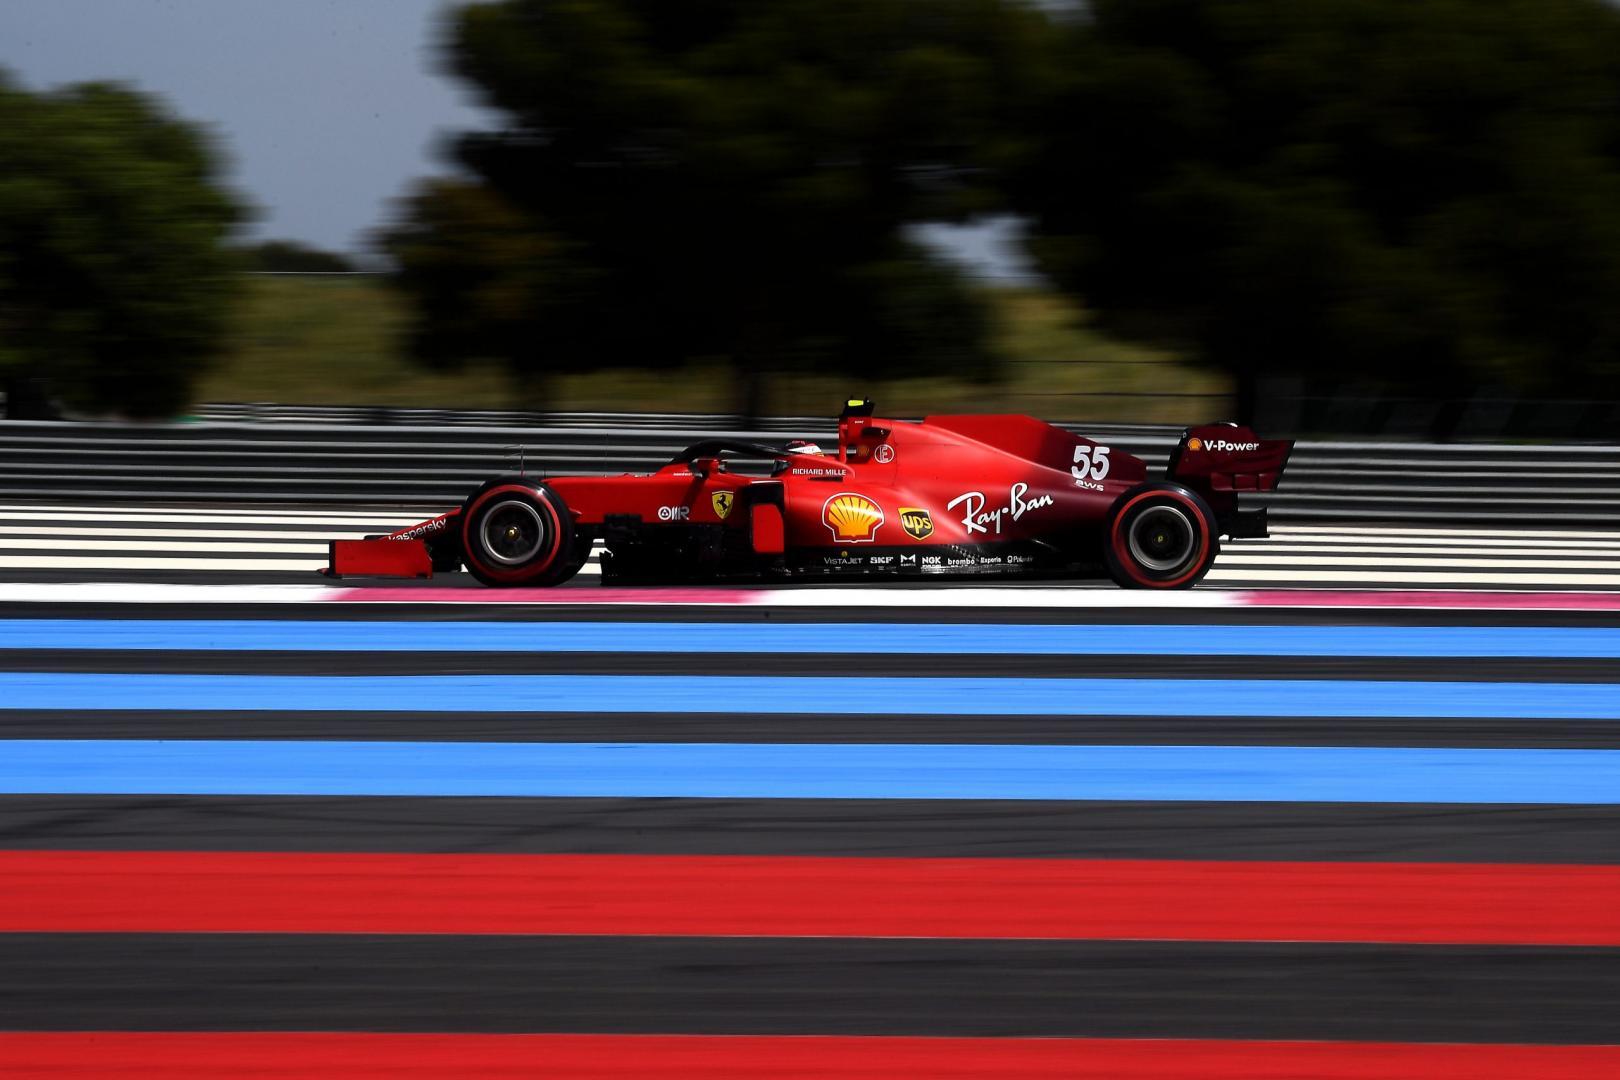 Kwalificatie van de GP van Frankrijk 2021